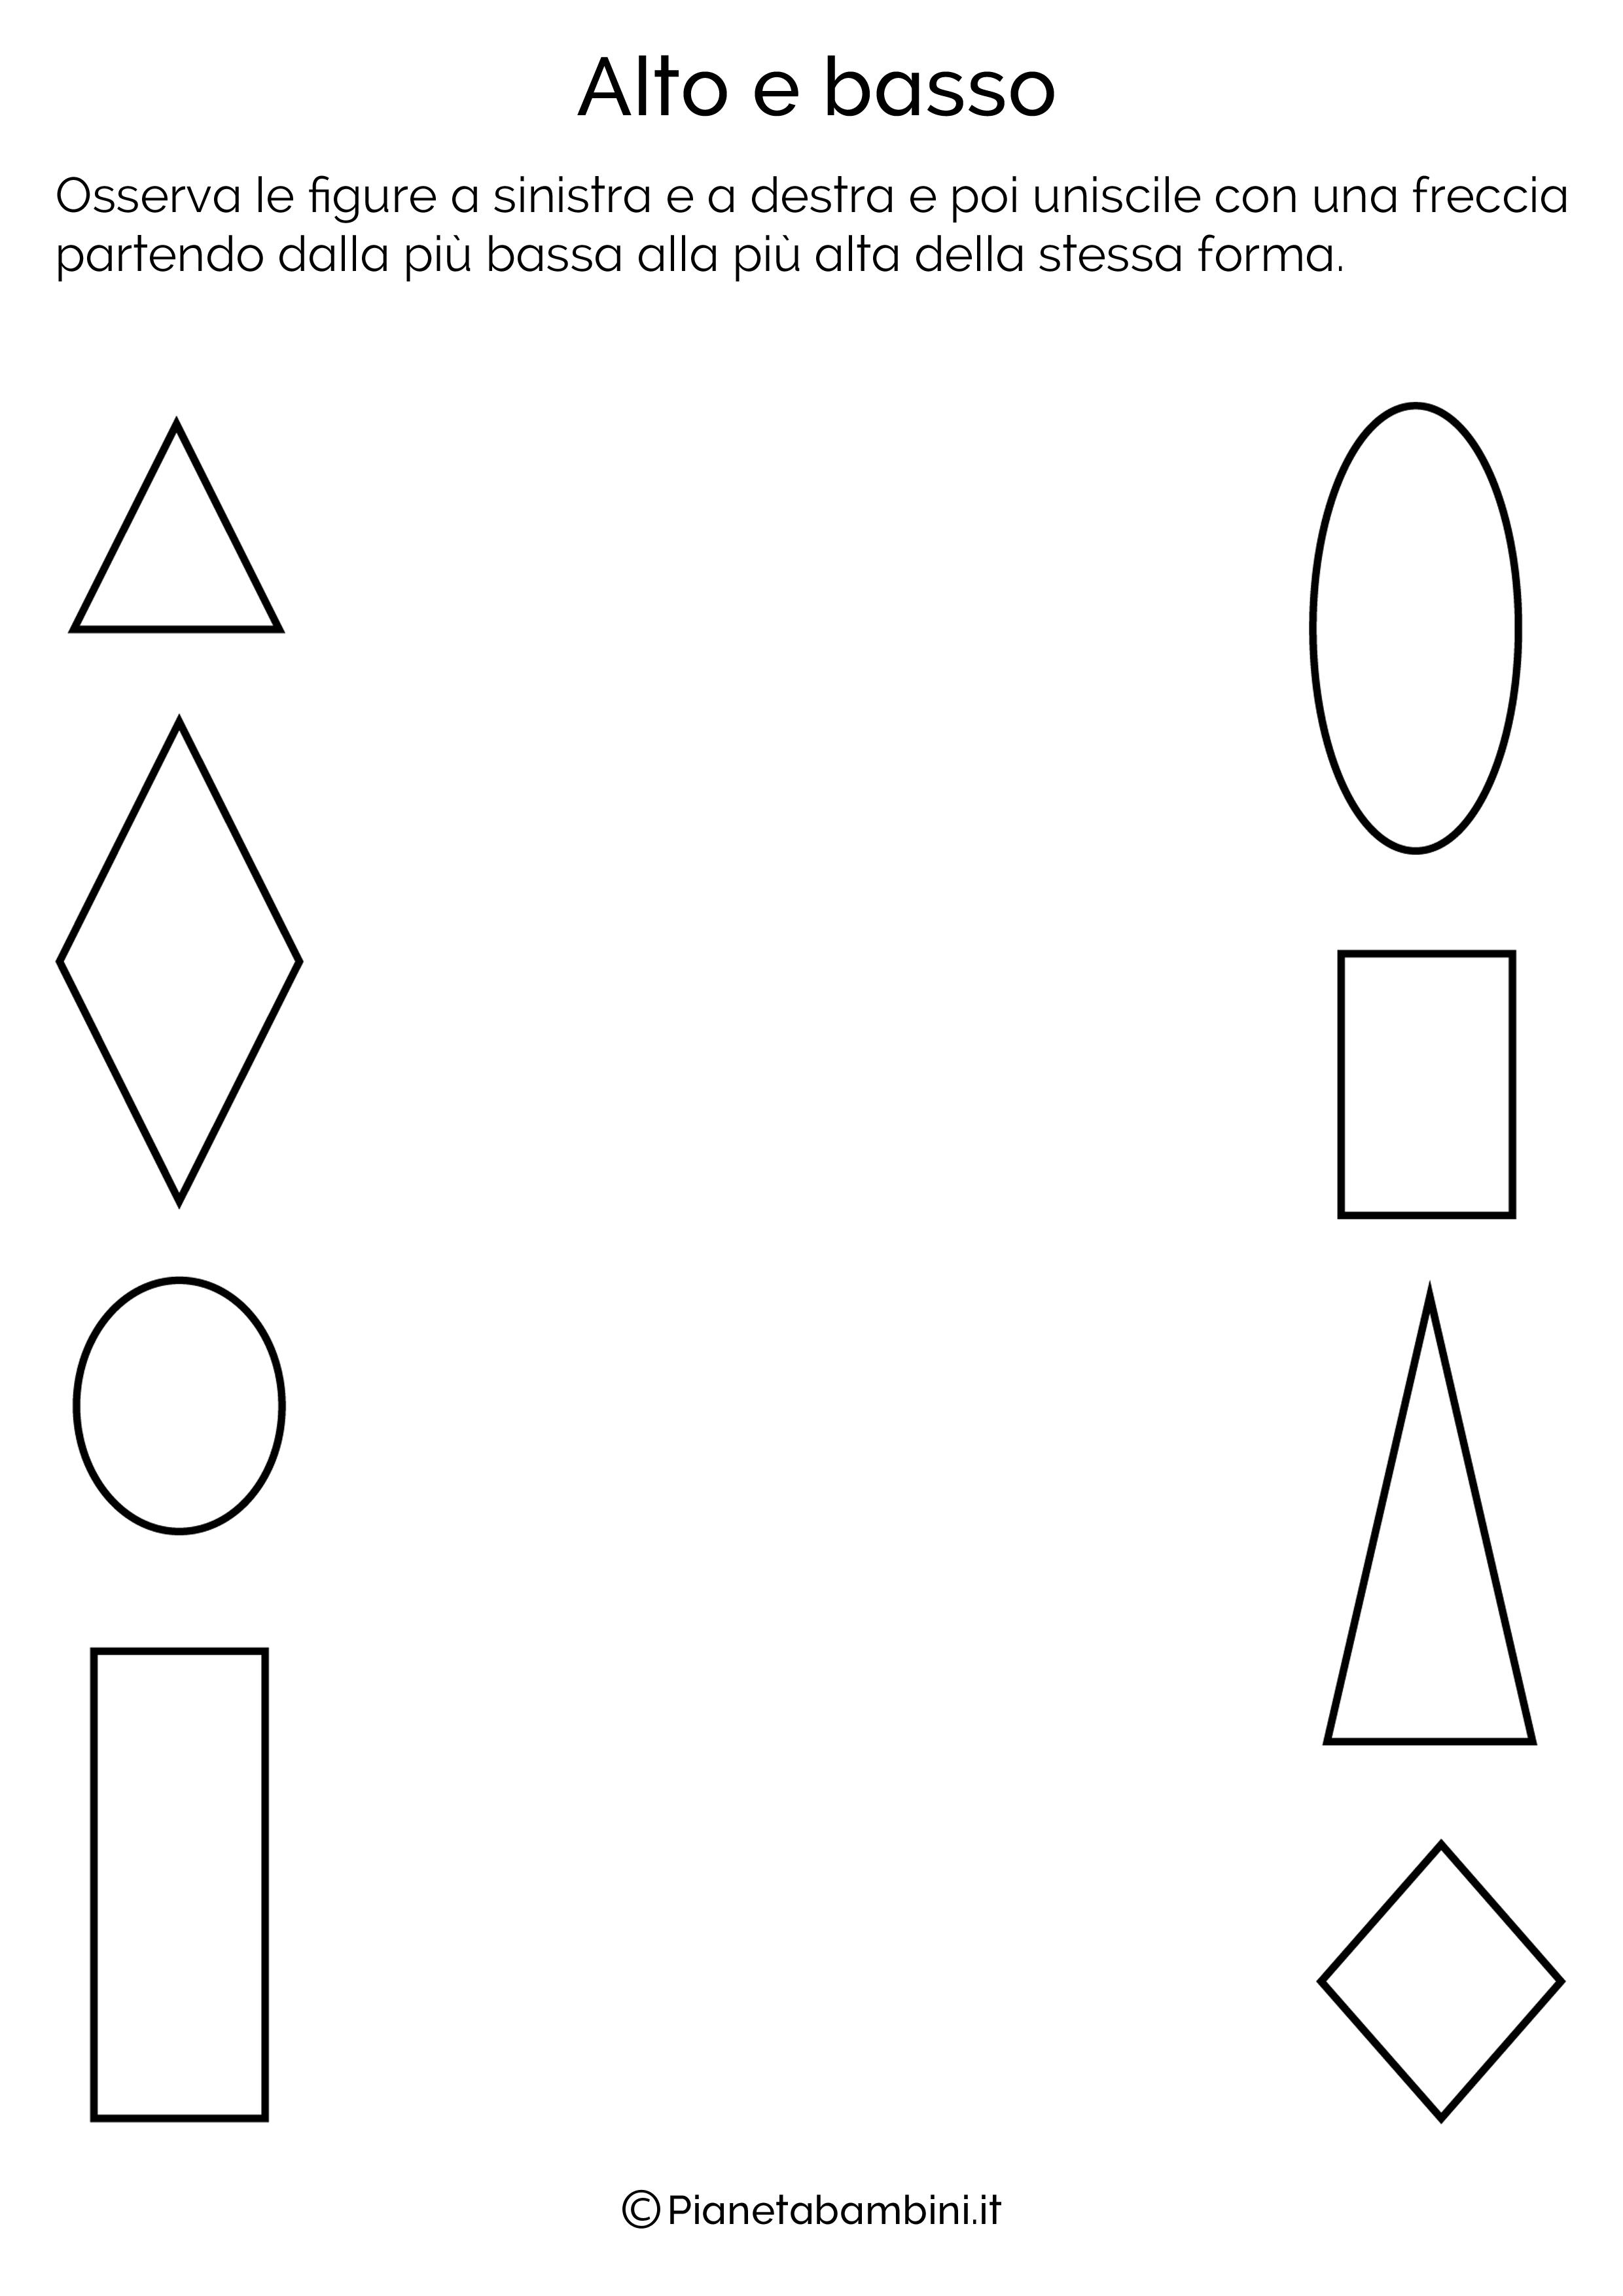 Esercizi-Oggetti-Alti-Bassi-4